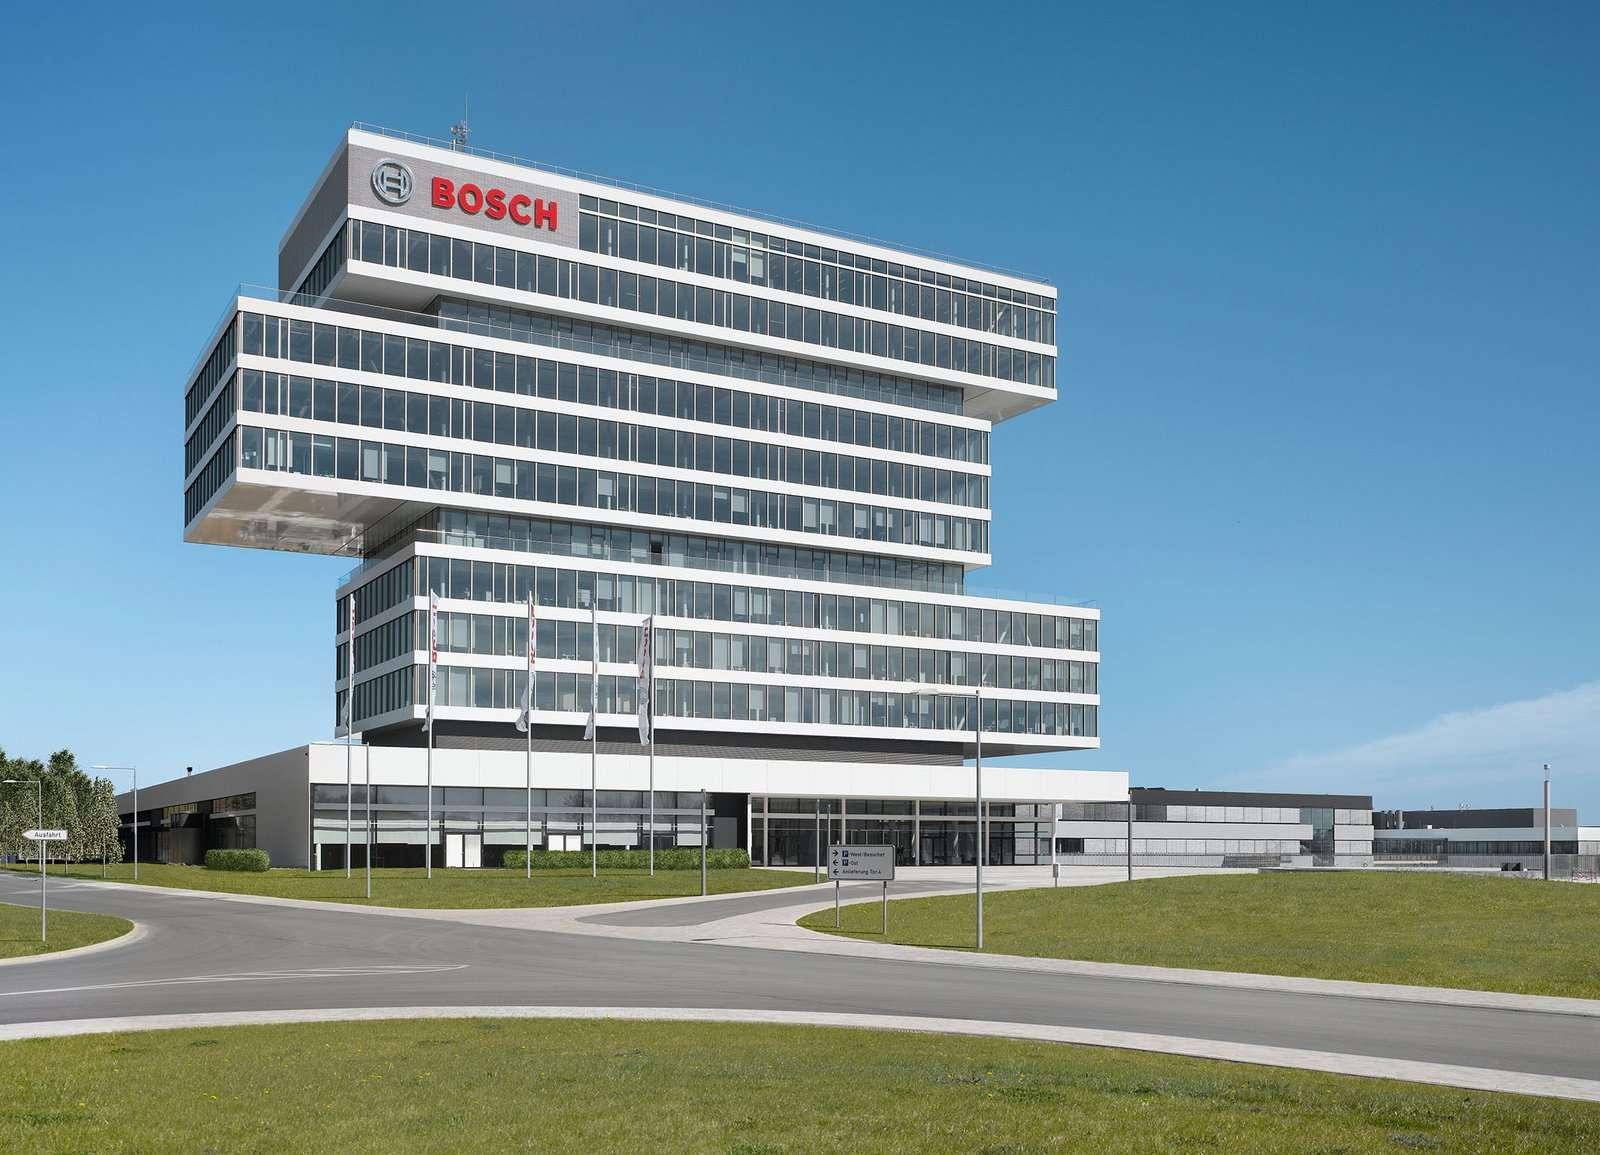 Bosch Raih Pertumbuhan Penjualan 3,5%